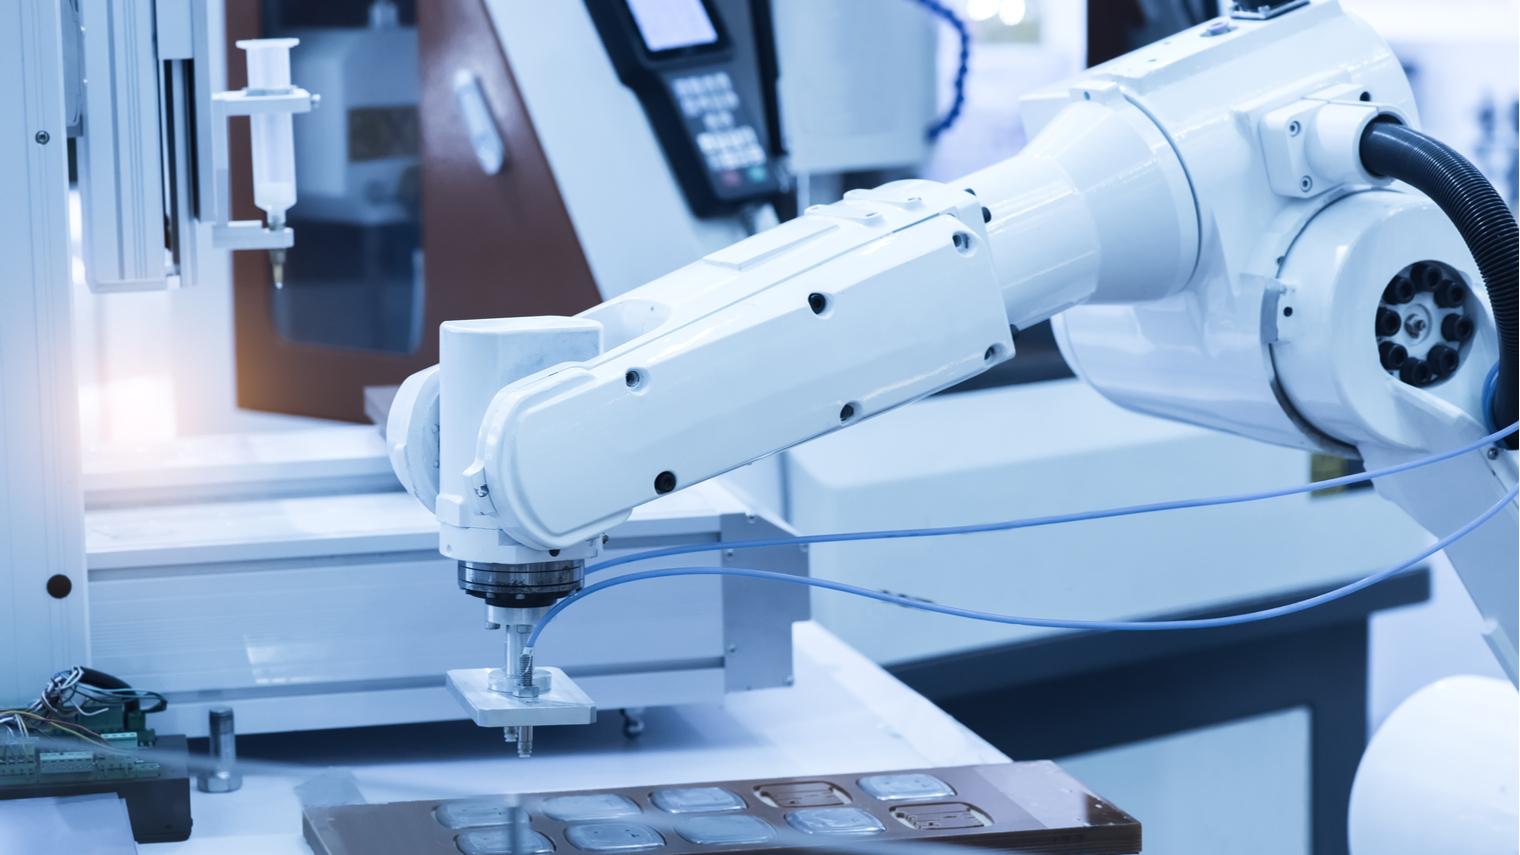 Robotic arm machine in factory